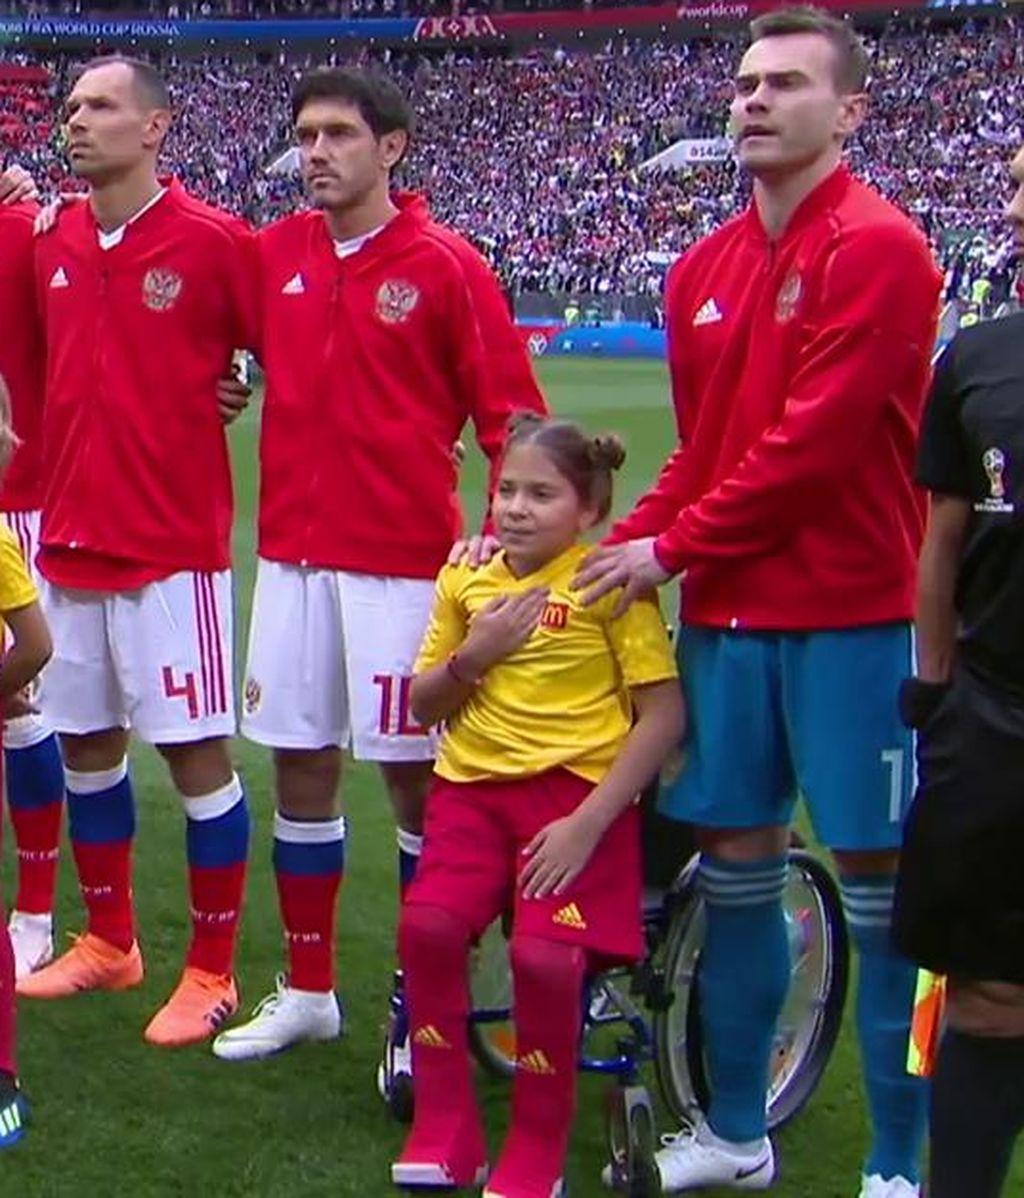 El increíble esfuerzo de una niña en silla de ruedas que salió con el capitán ruso y se puso de pie para escuchar su himno